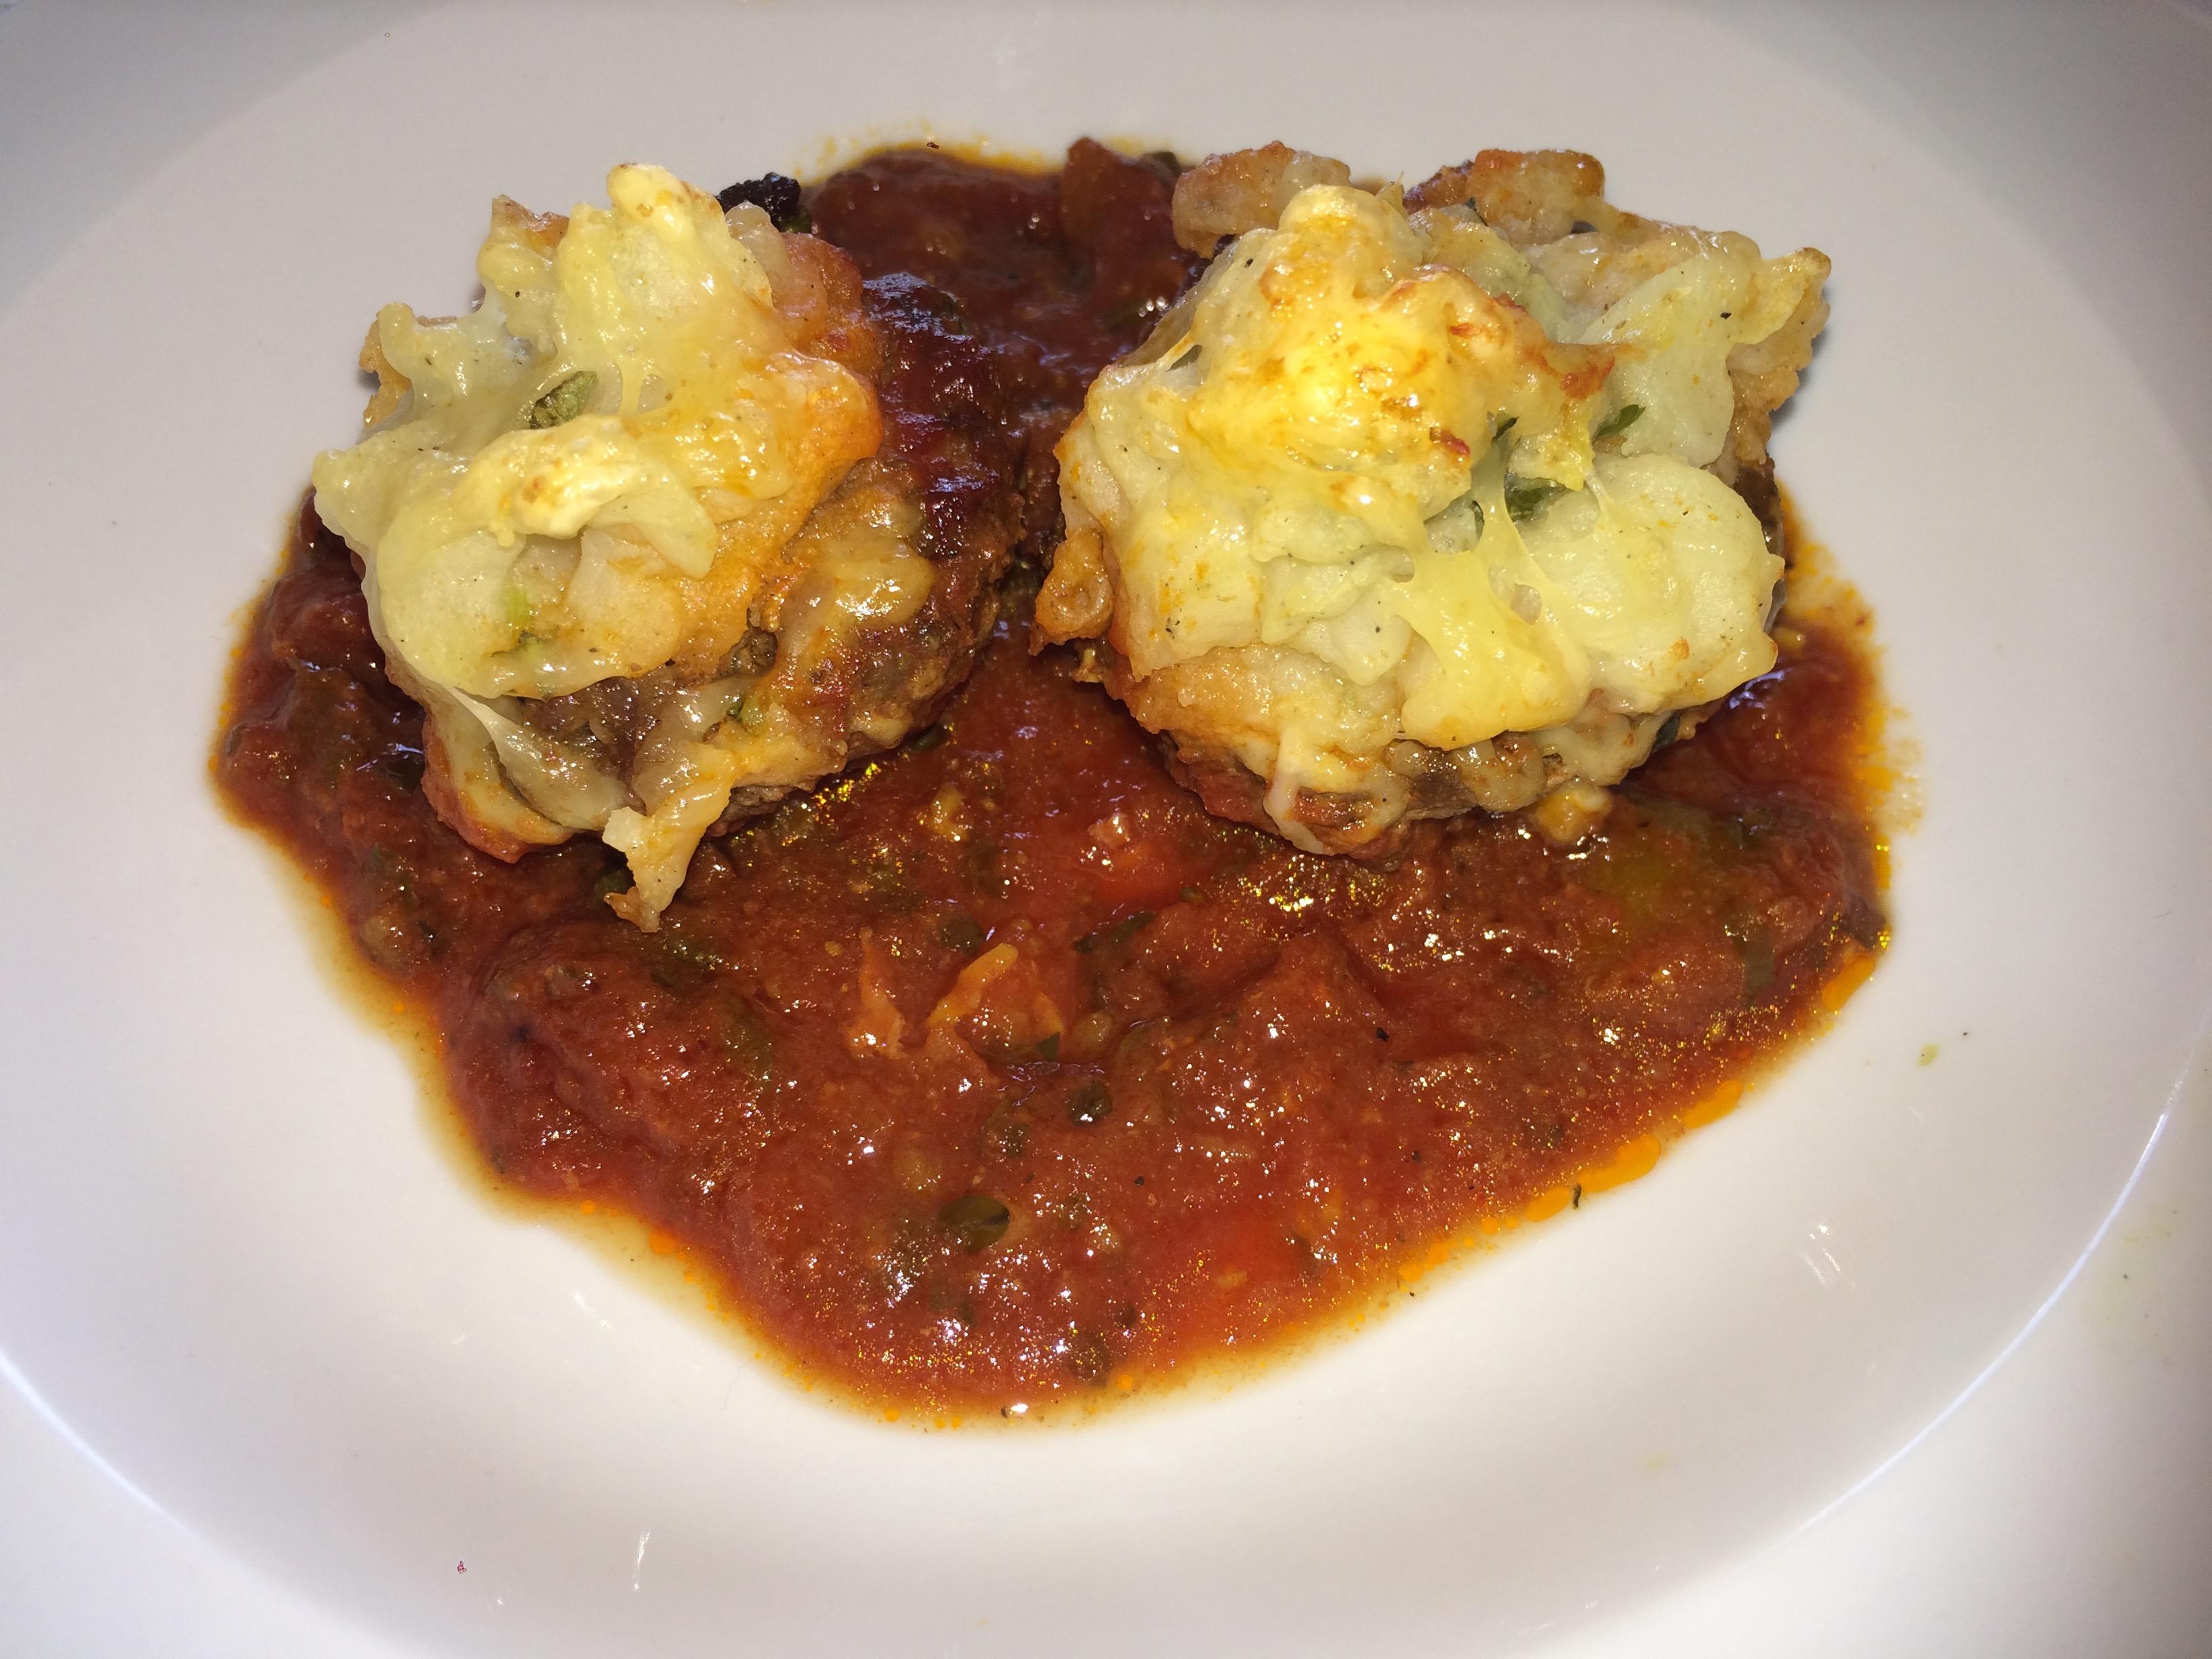 Recette kofta hassan pacha sur ii blog de cuisine de nabila - Blog cuisine etudiante ...